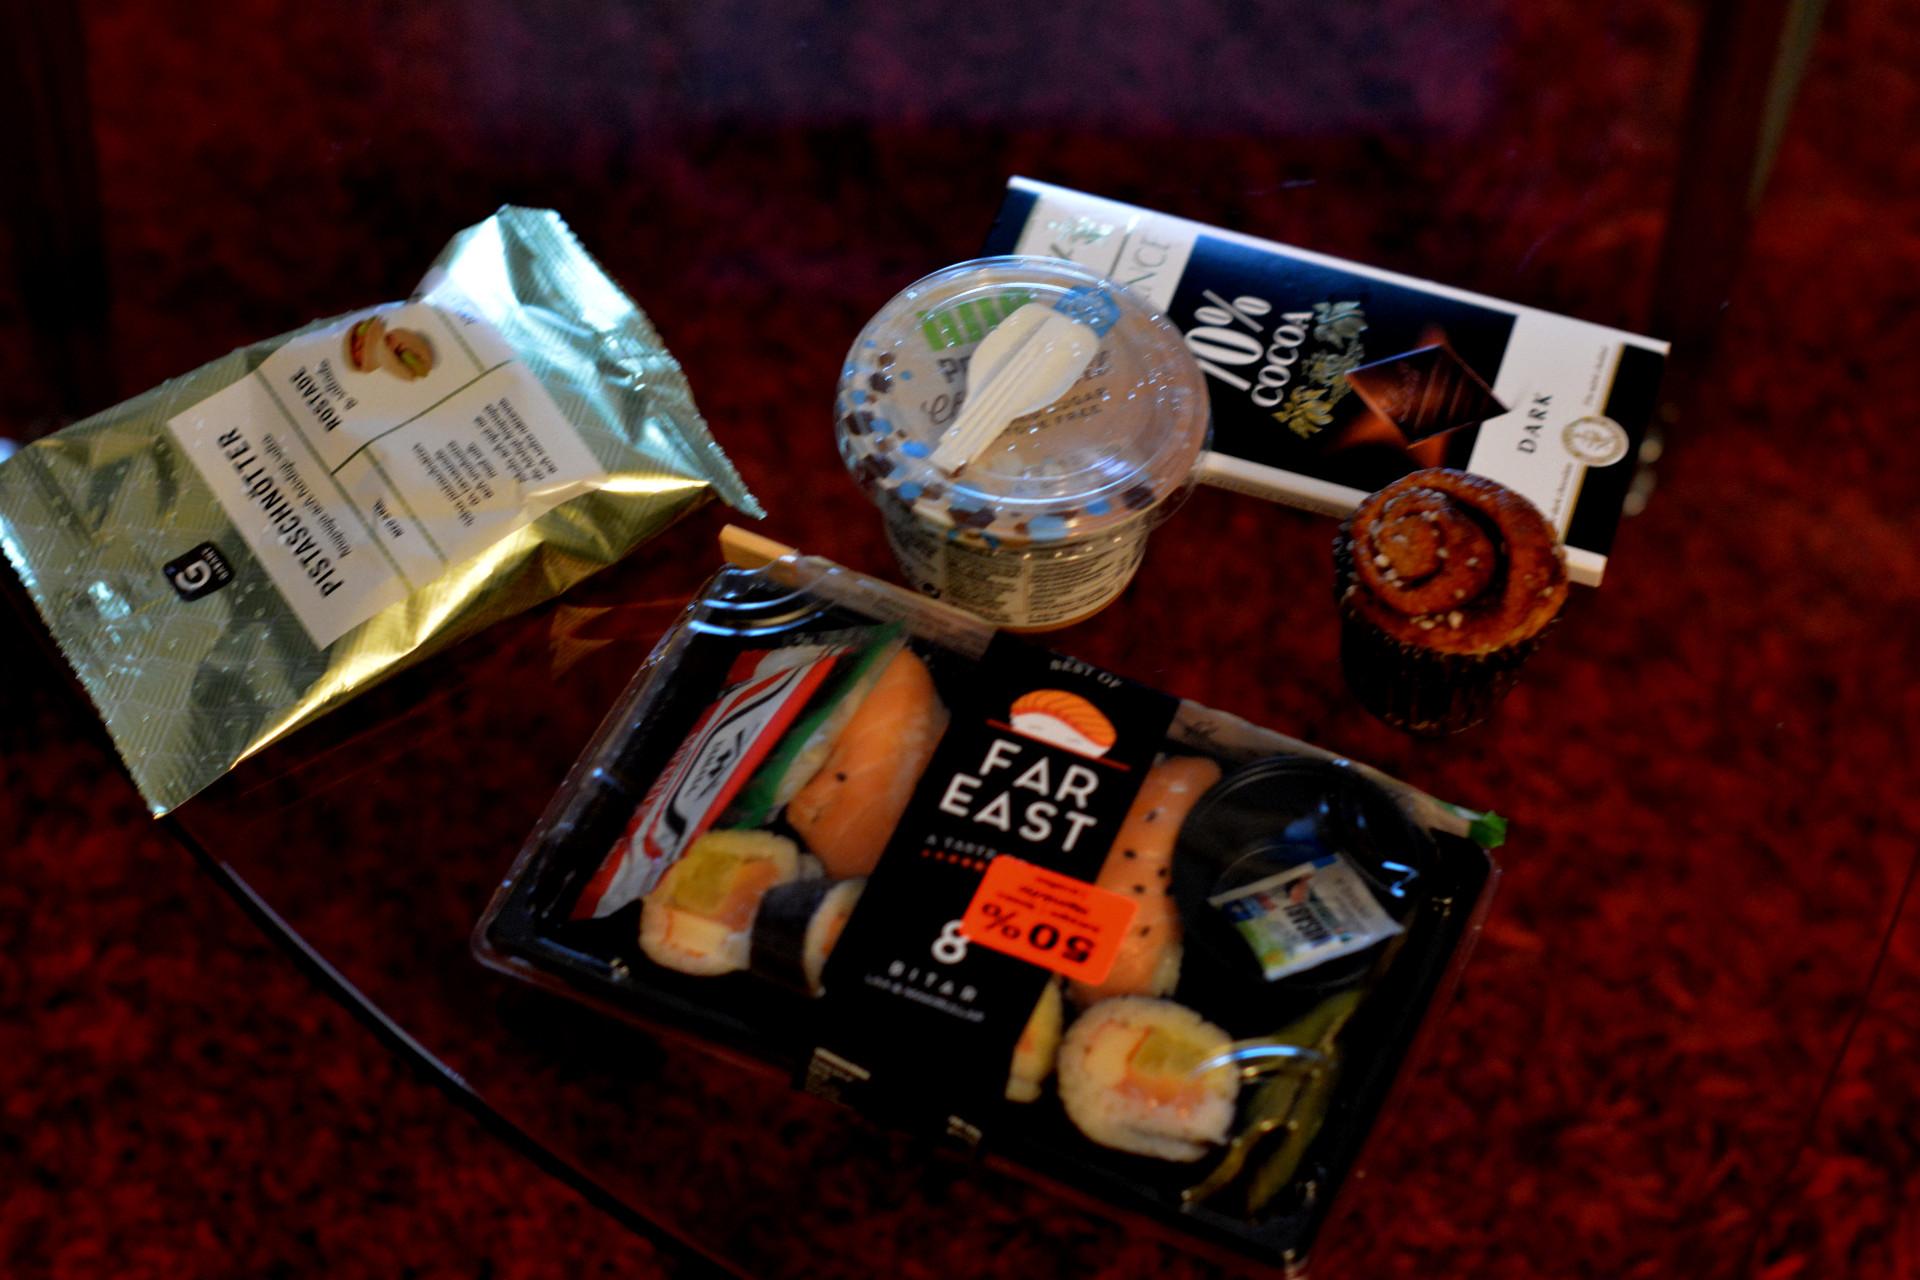 Sushi, pistagenötter, kanelbulle, proteinpudding och mörk choklad på ett bord.